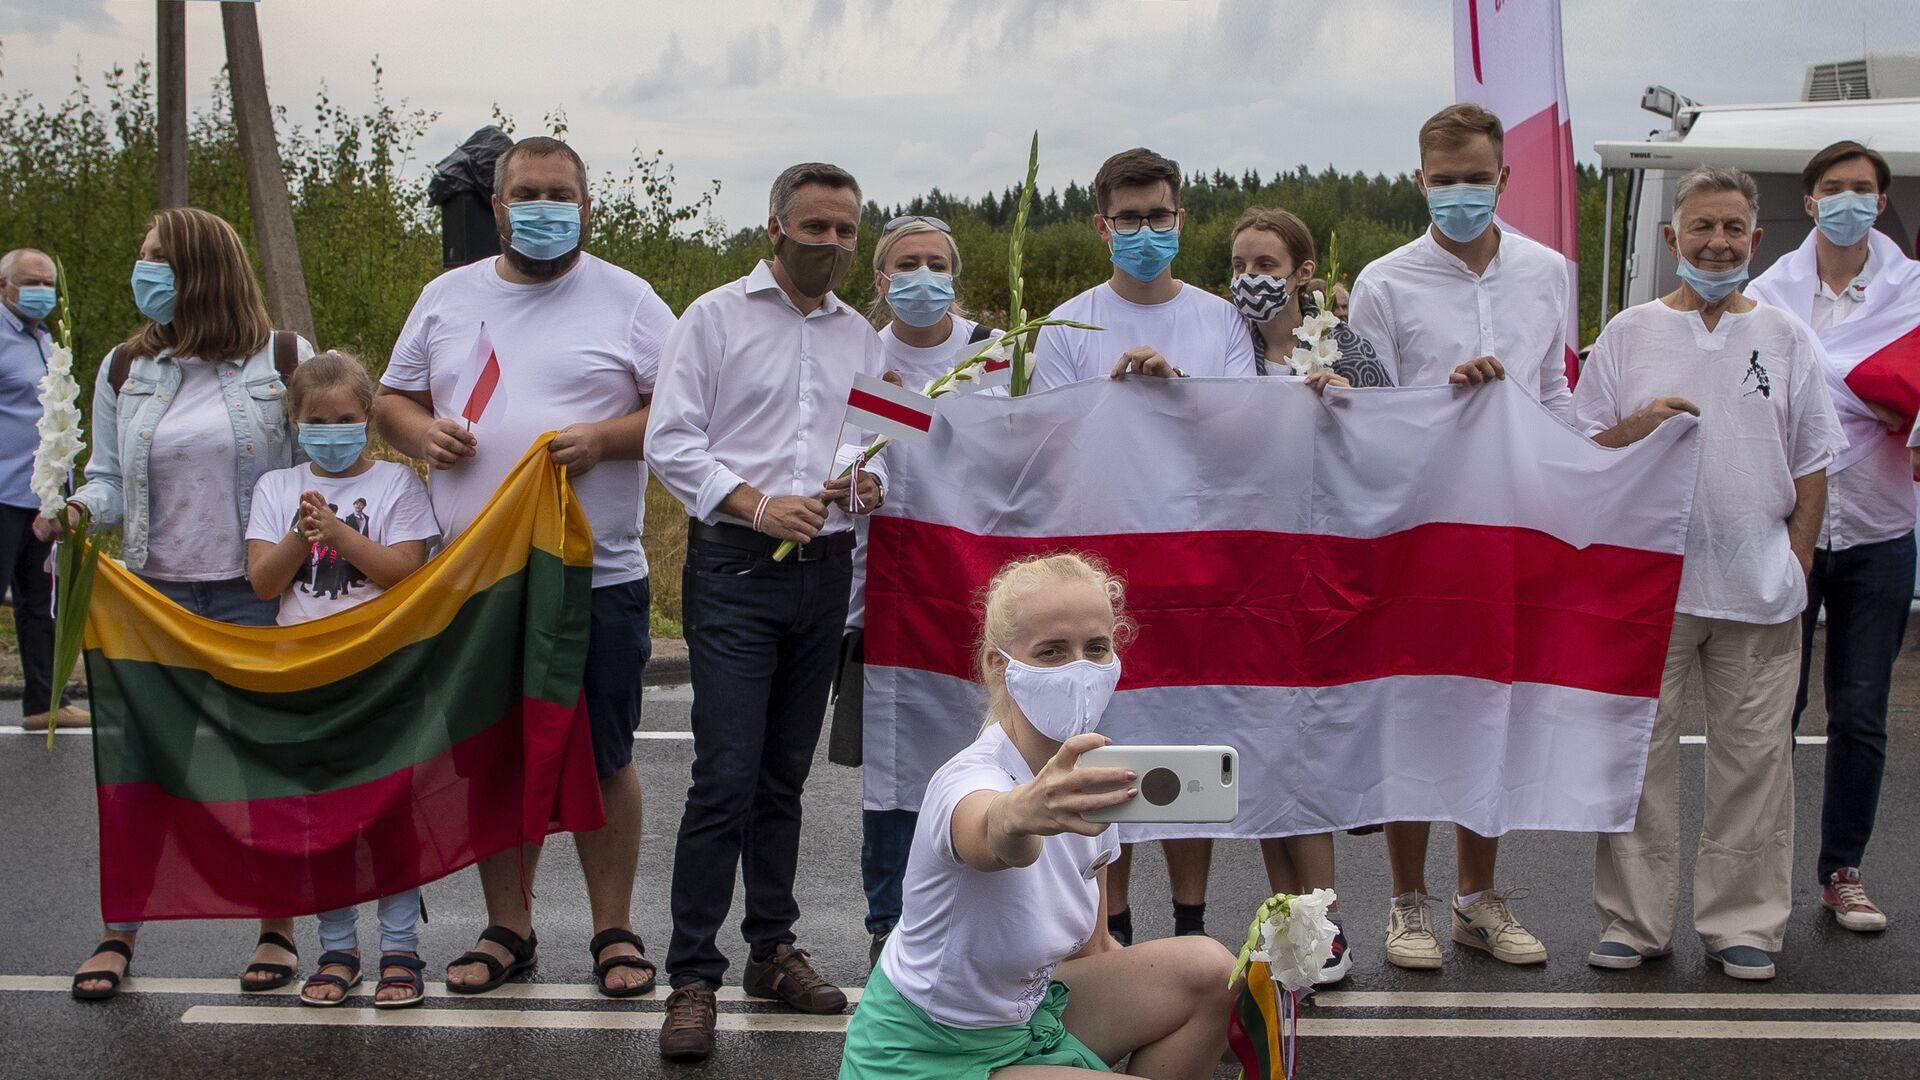 Макей: глава МИД Литвы хочет больше всех вылить грязи на Белоруссию